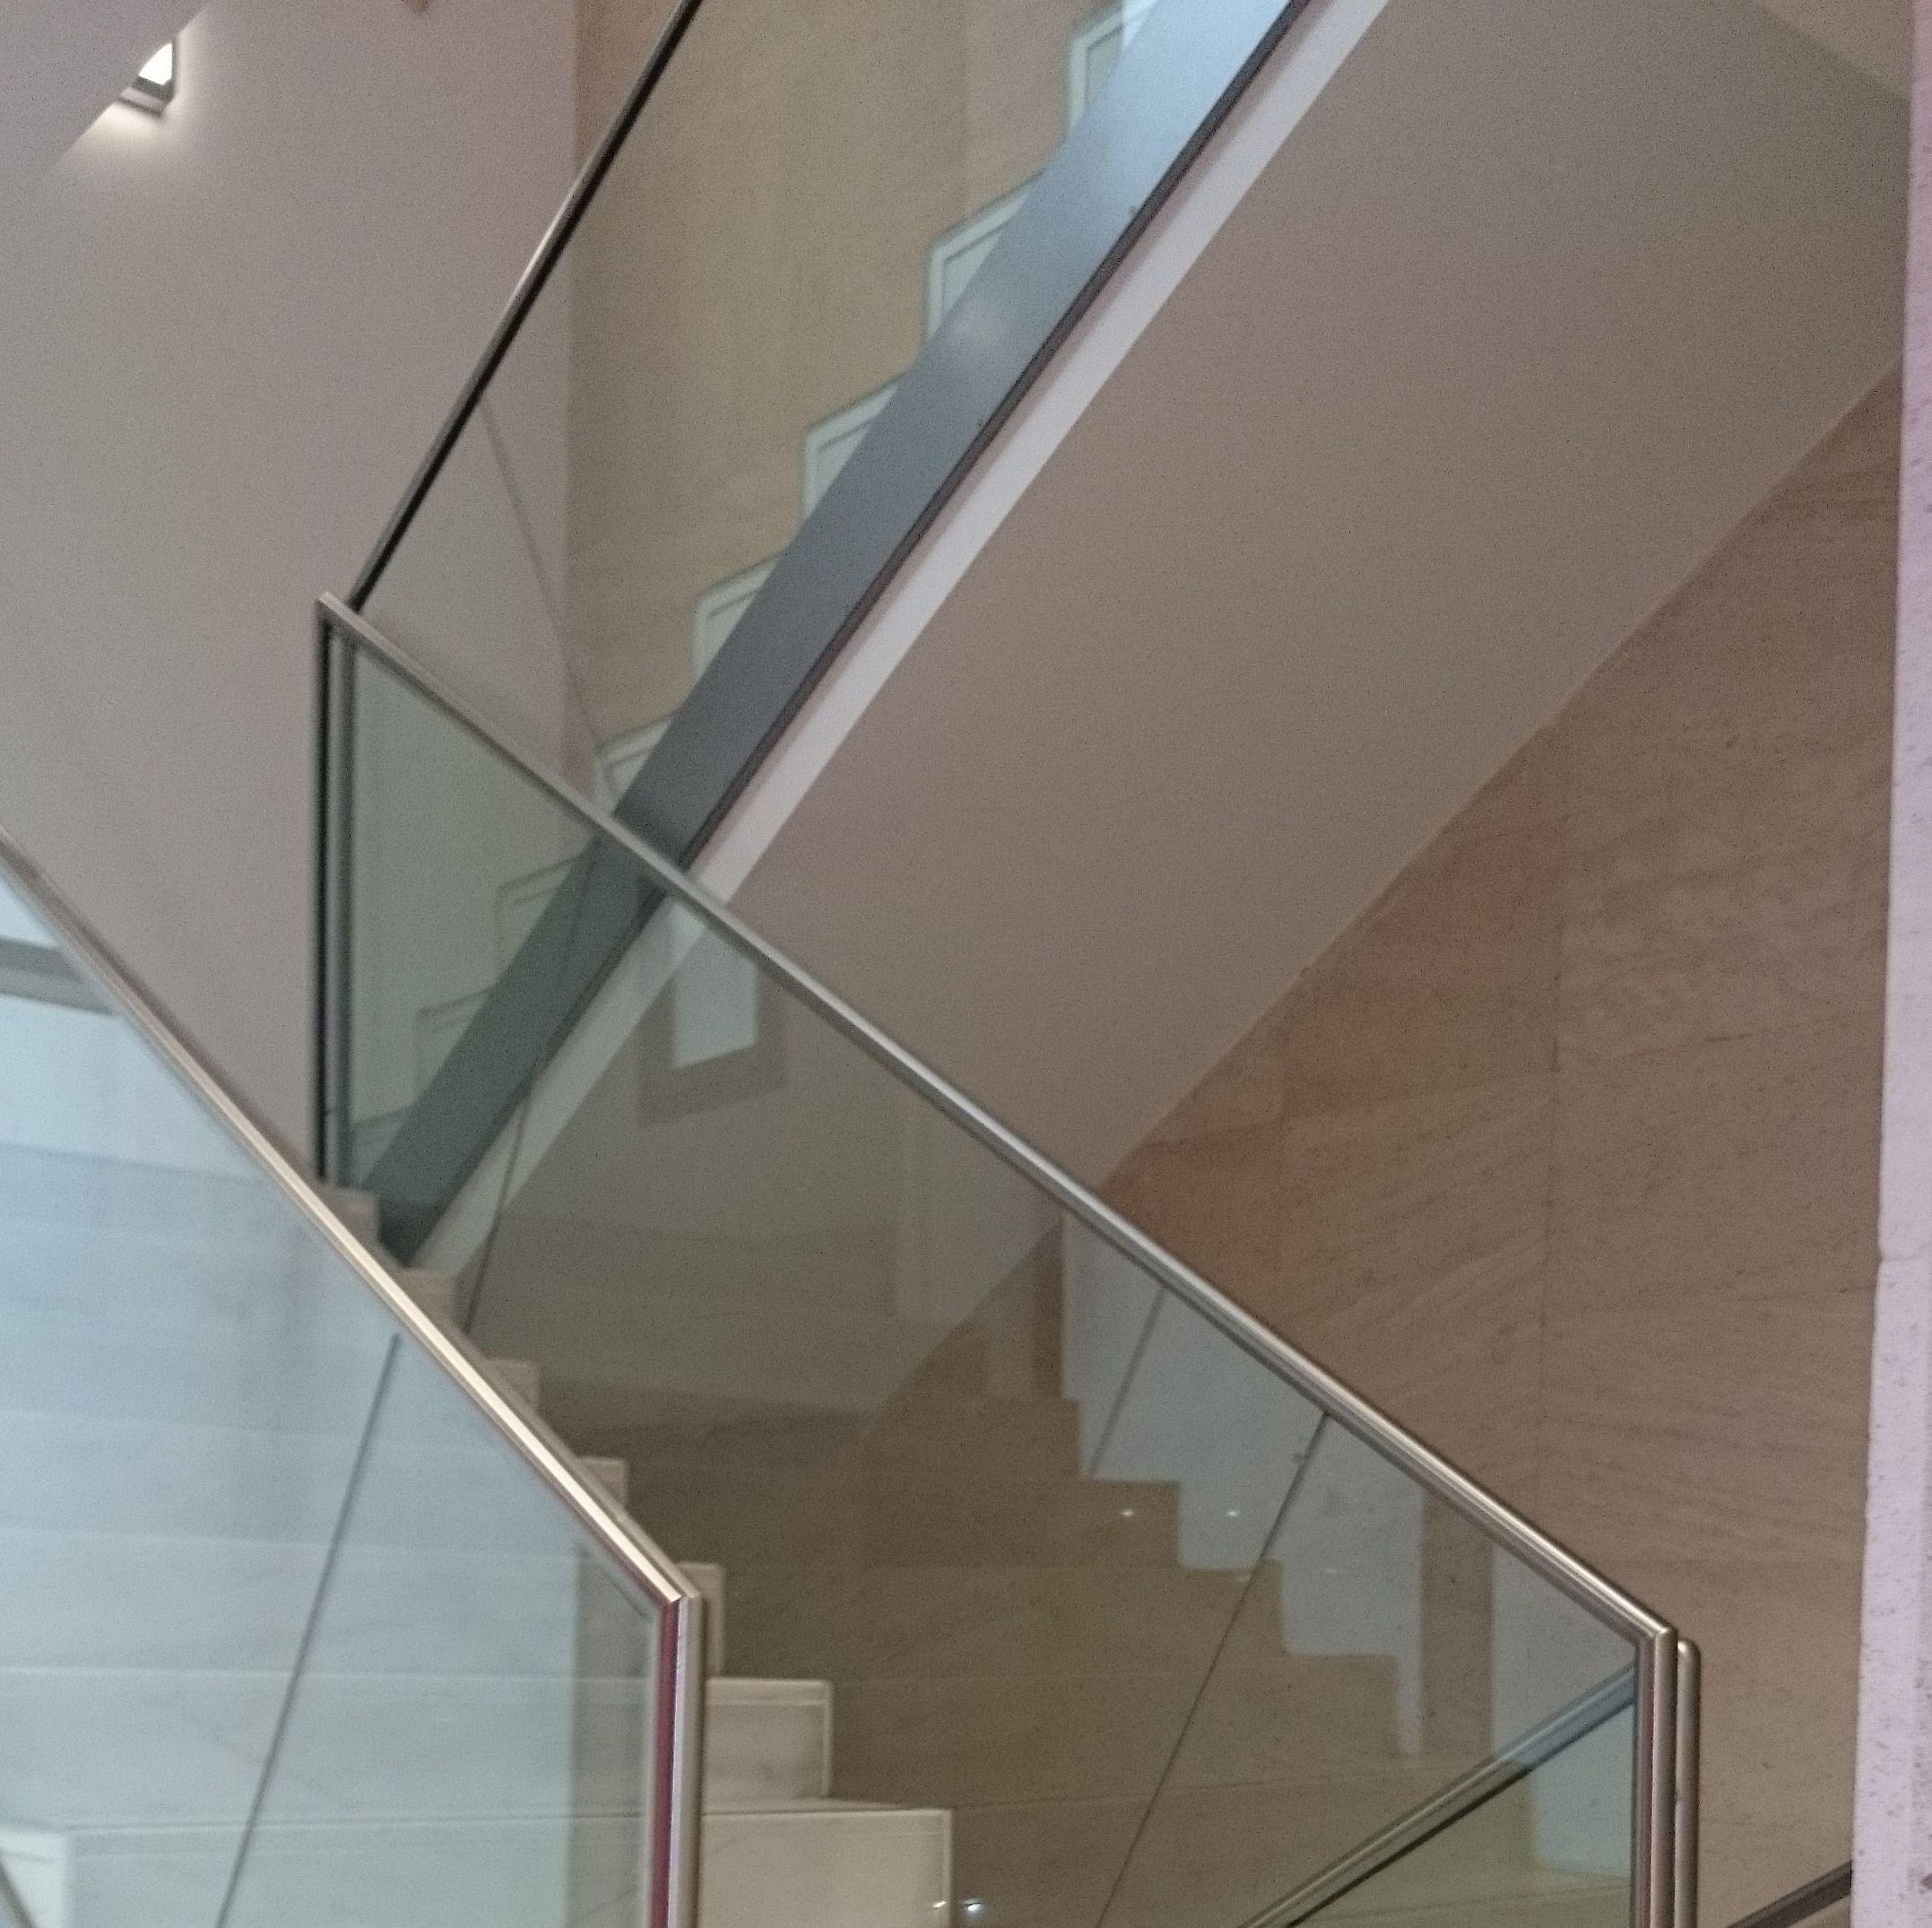 Foto 54 de Especialistas en diseños y proyectos en acero inoxidable en Alcalá de Guadaíra | Icminox